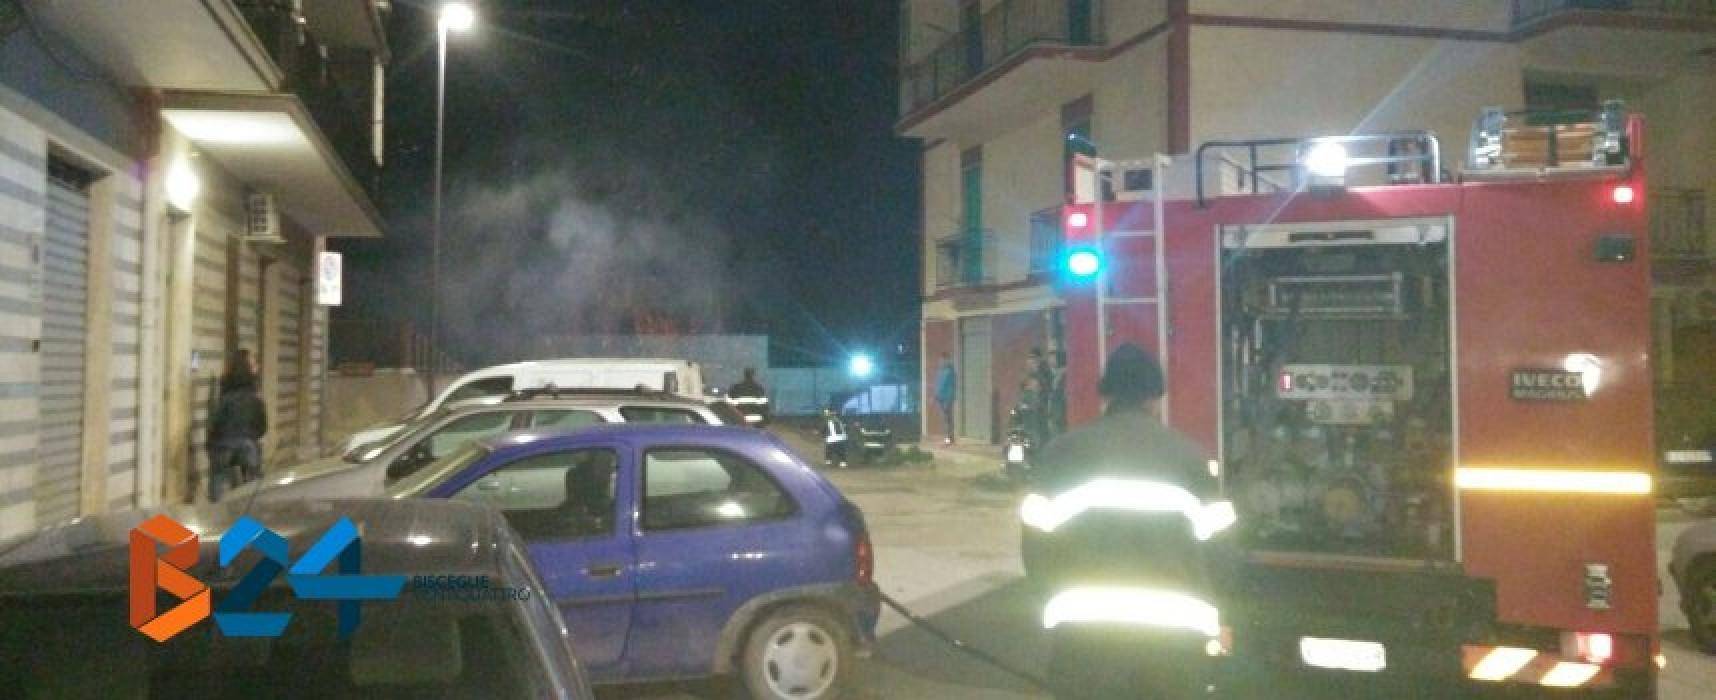 Scooter dato alle fiamme ieri sera in via Trani